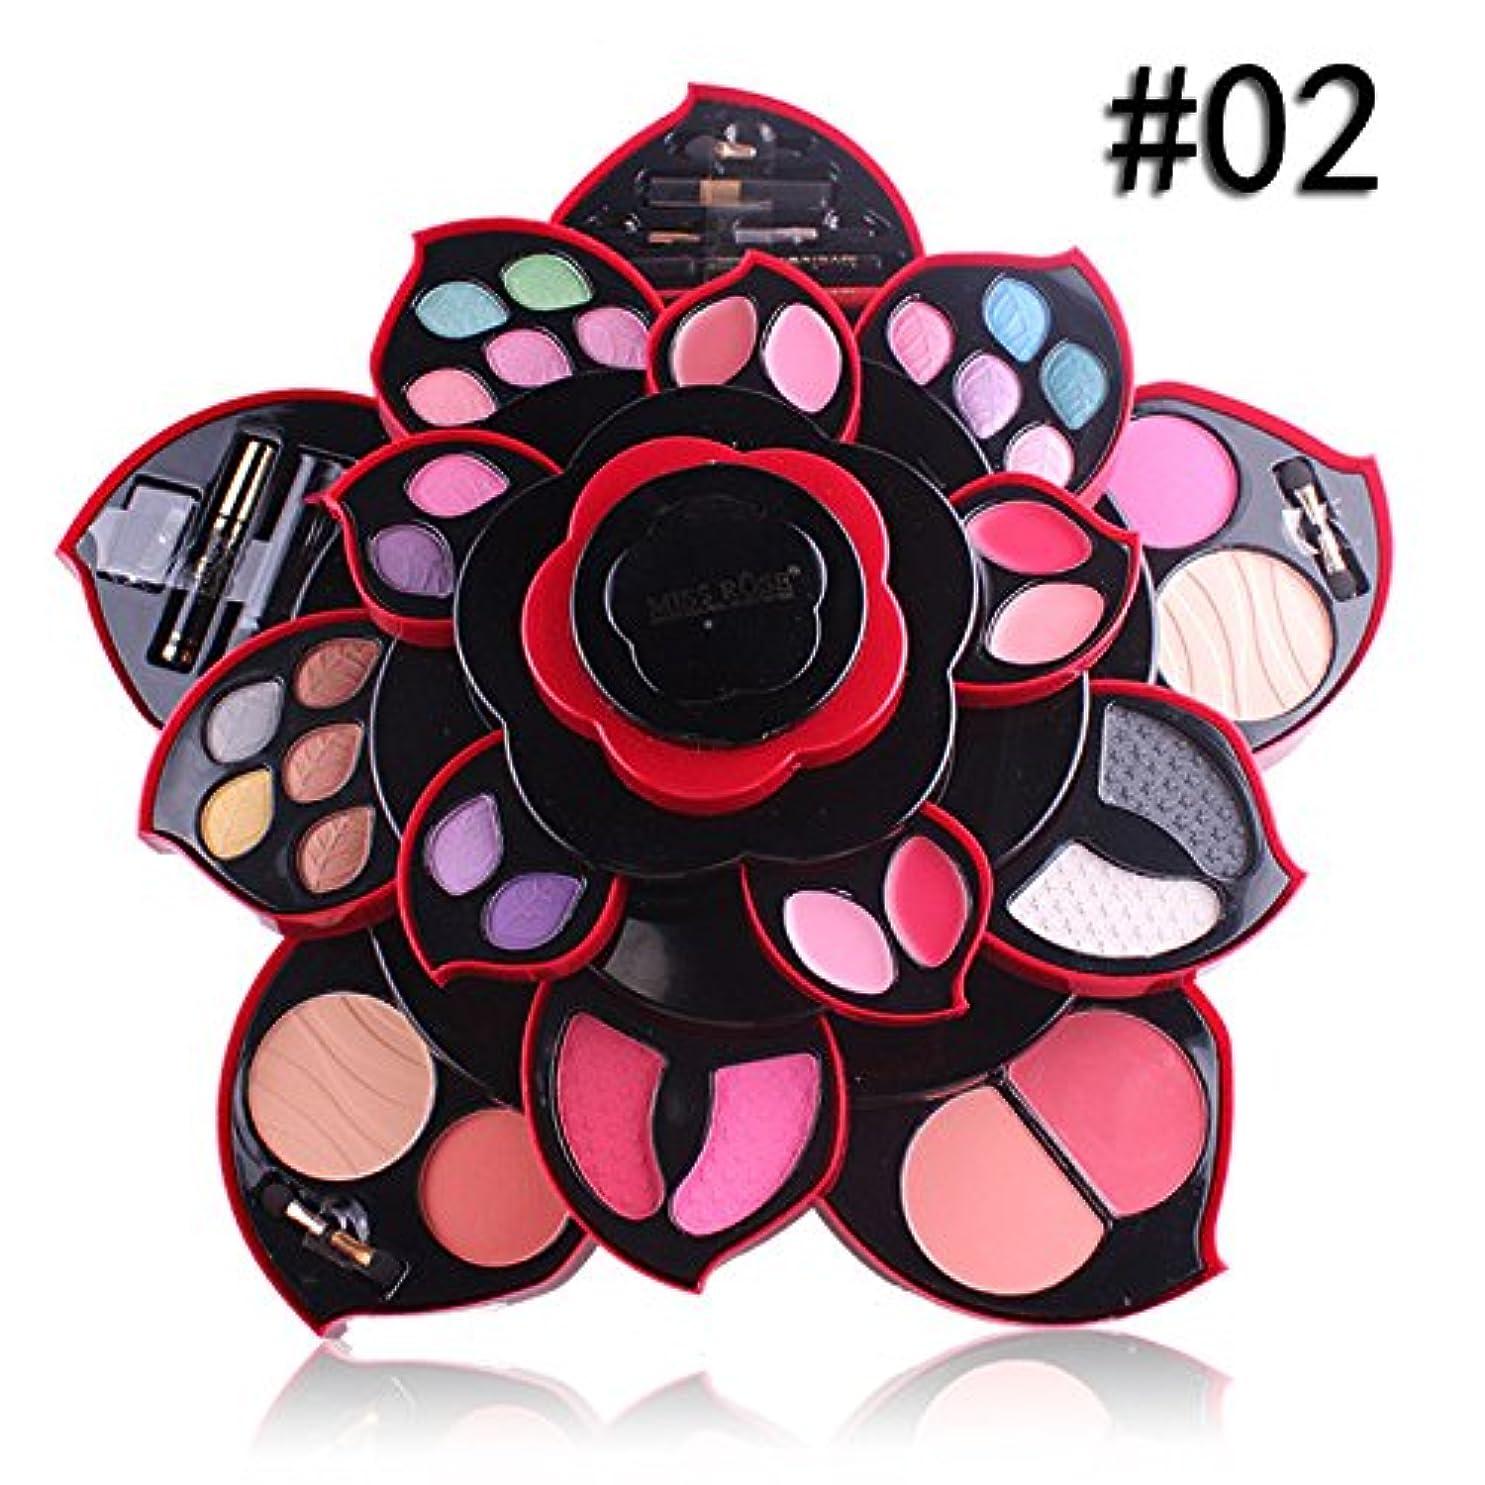 待つ改修感謝するビューティー アイシャドー BOBOGOJP アイシャドウセット ファッション 23色 梅の花デザイン メイクボックス 回転多機能化粧品 プロ化粧師 メイクの達人 プレゼント (B)